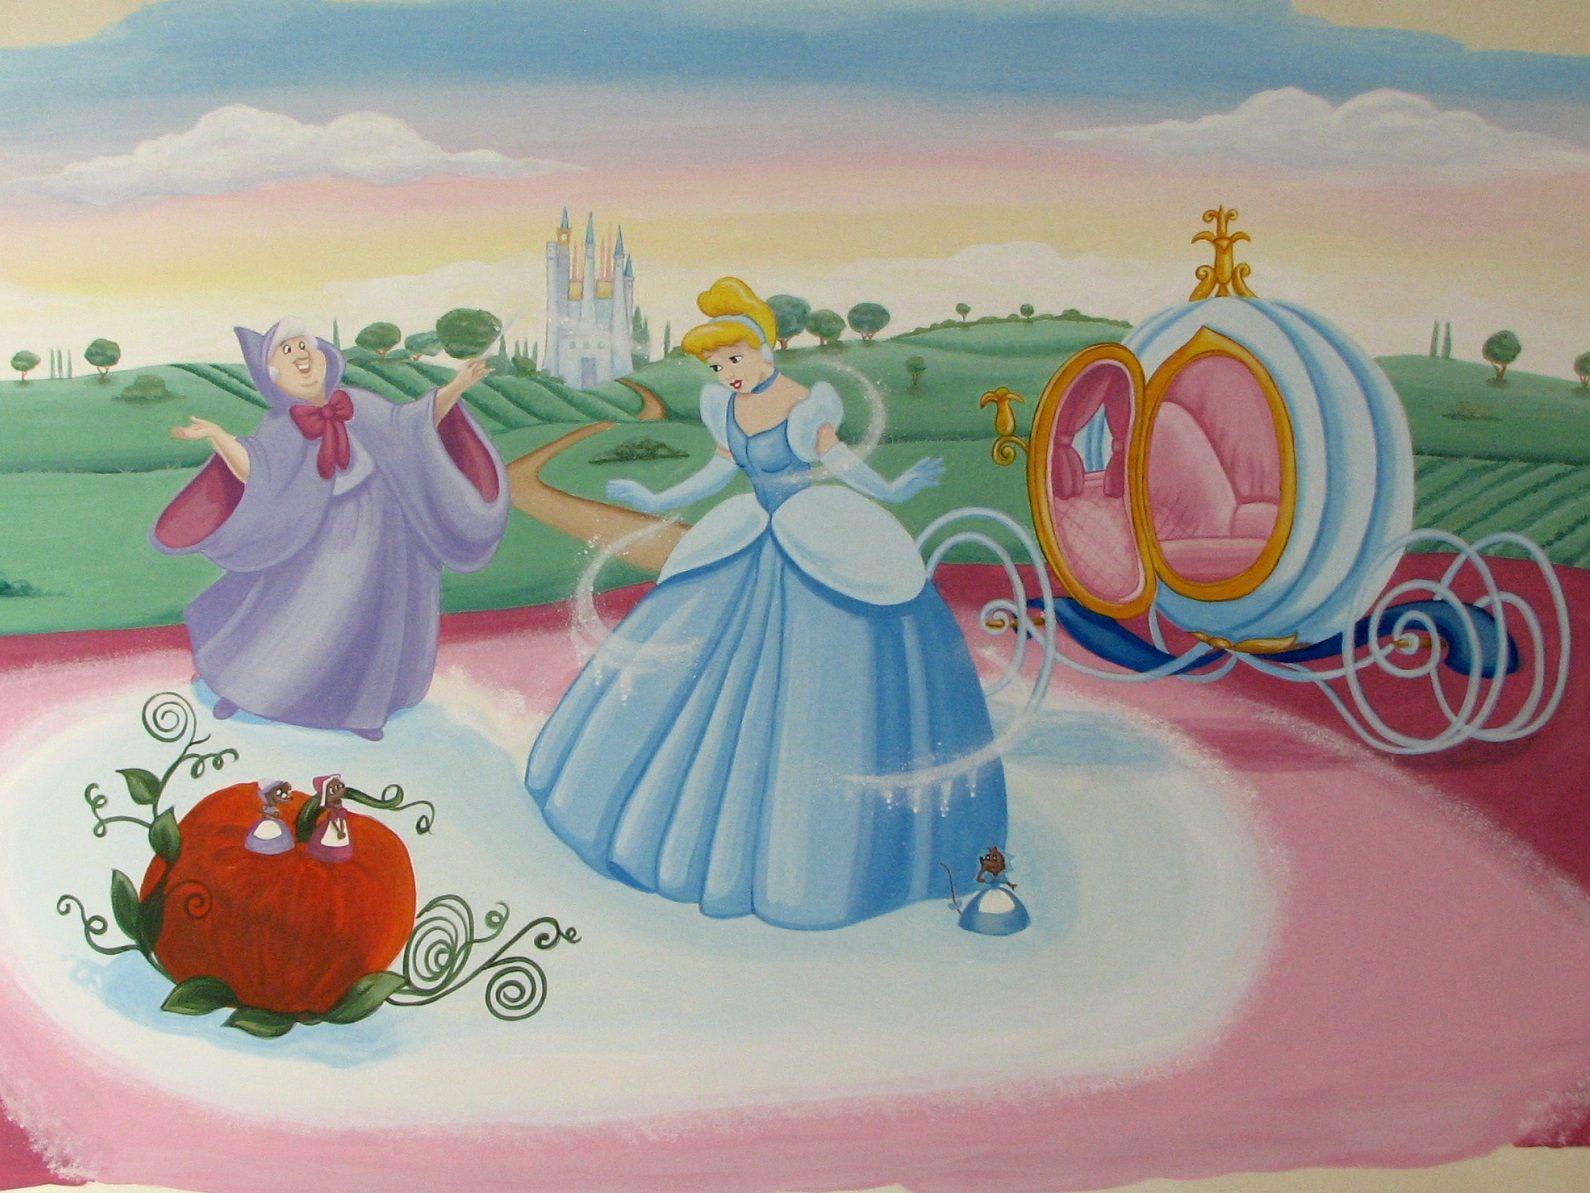 Dipinti Murali Per Camerette cenerentola. dipinto murale per la cameretta dei bambini